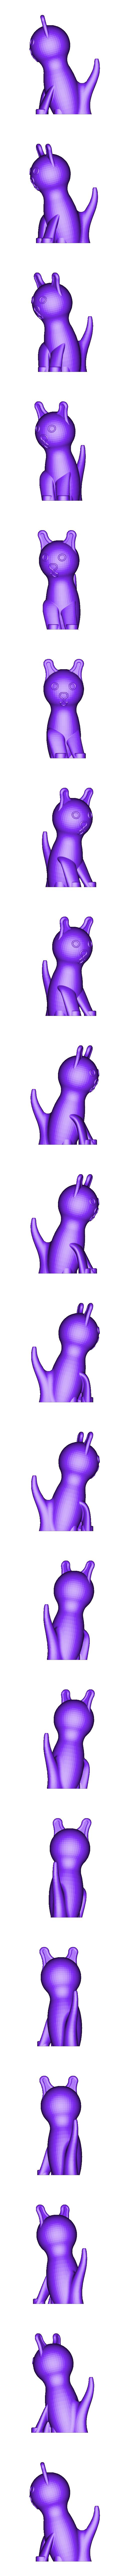 Cat_v2.STL Télécharger fichier STL Chat • Modèle pour impression 3D, laurens1952